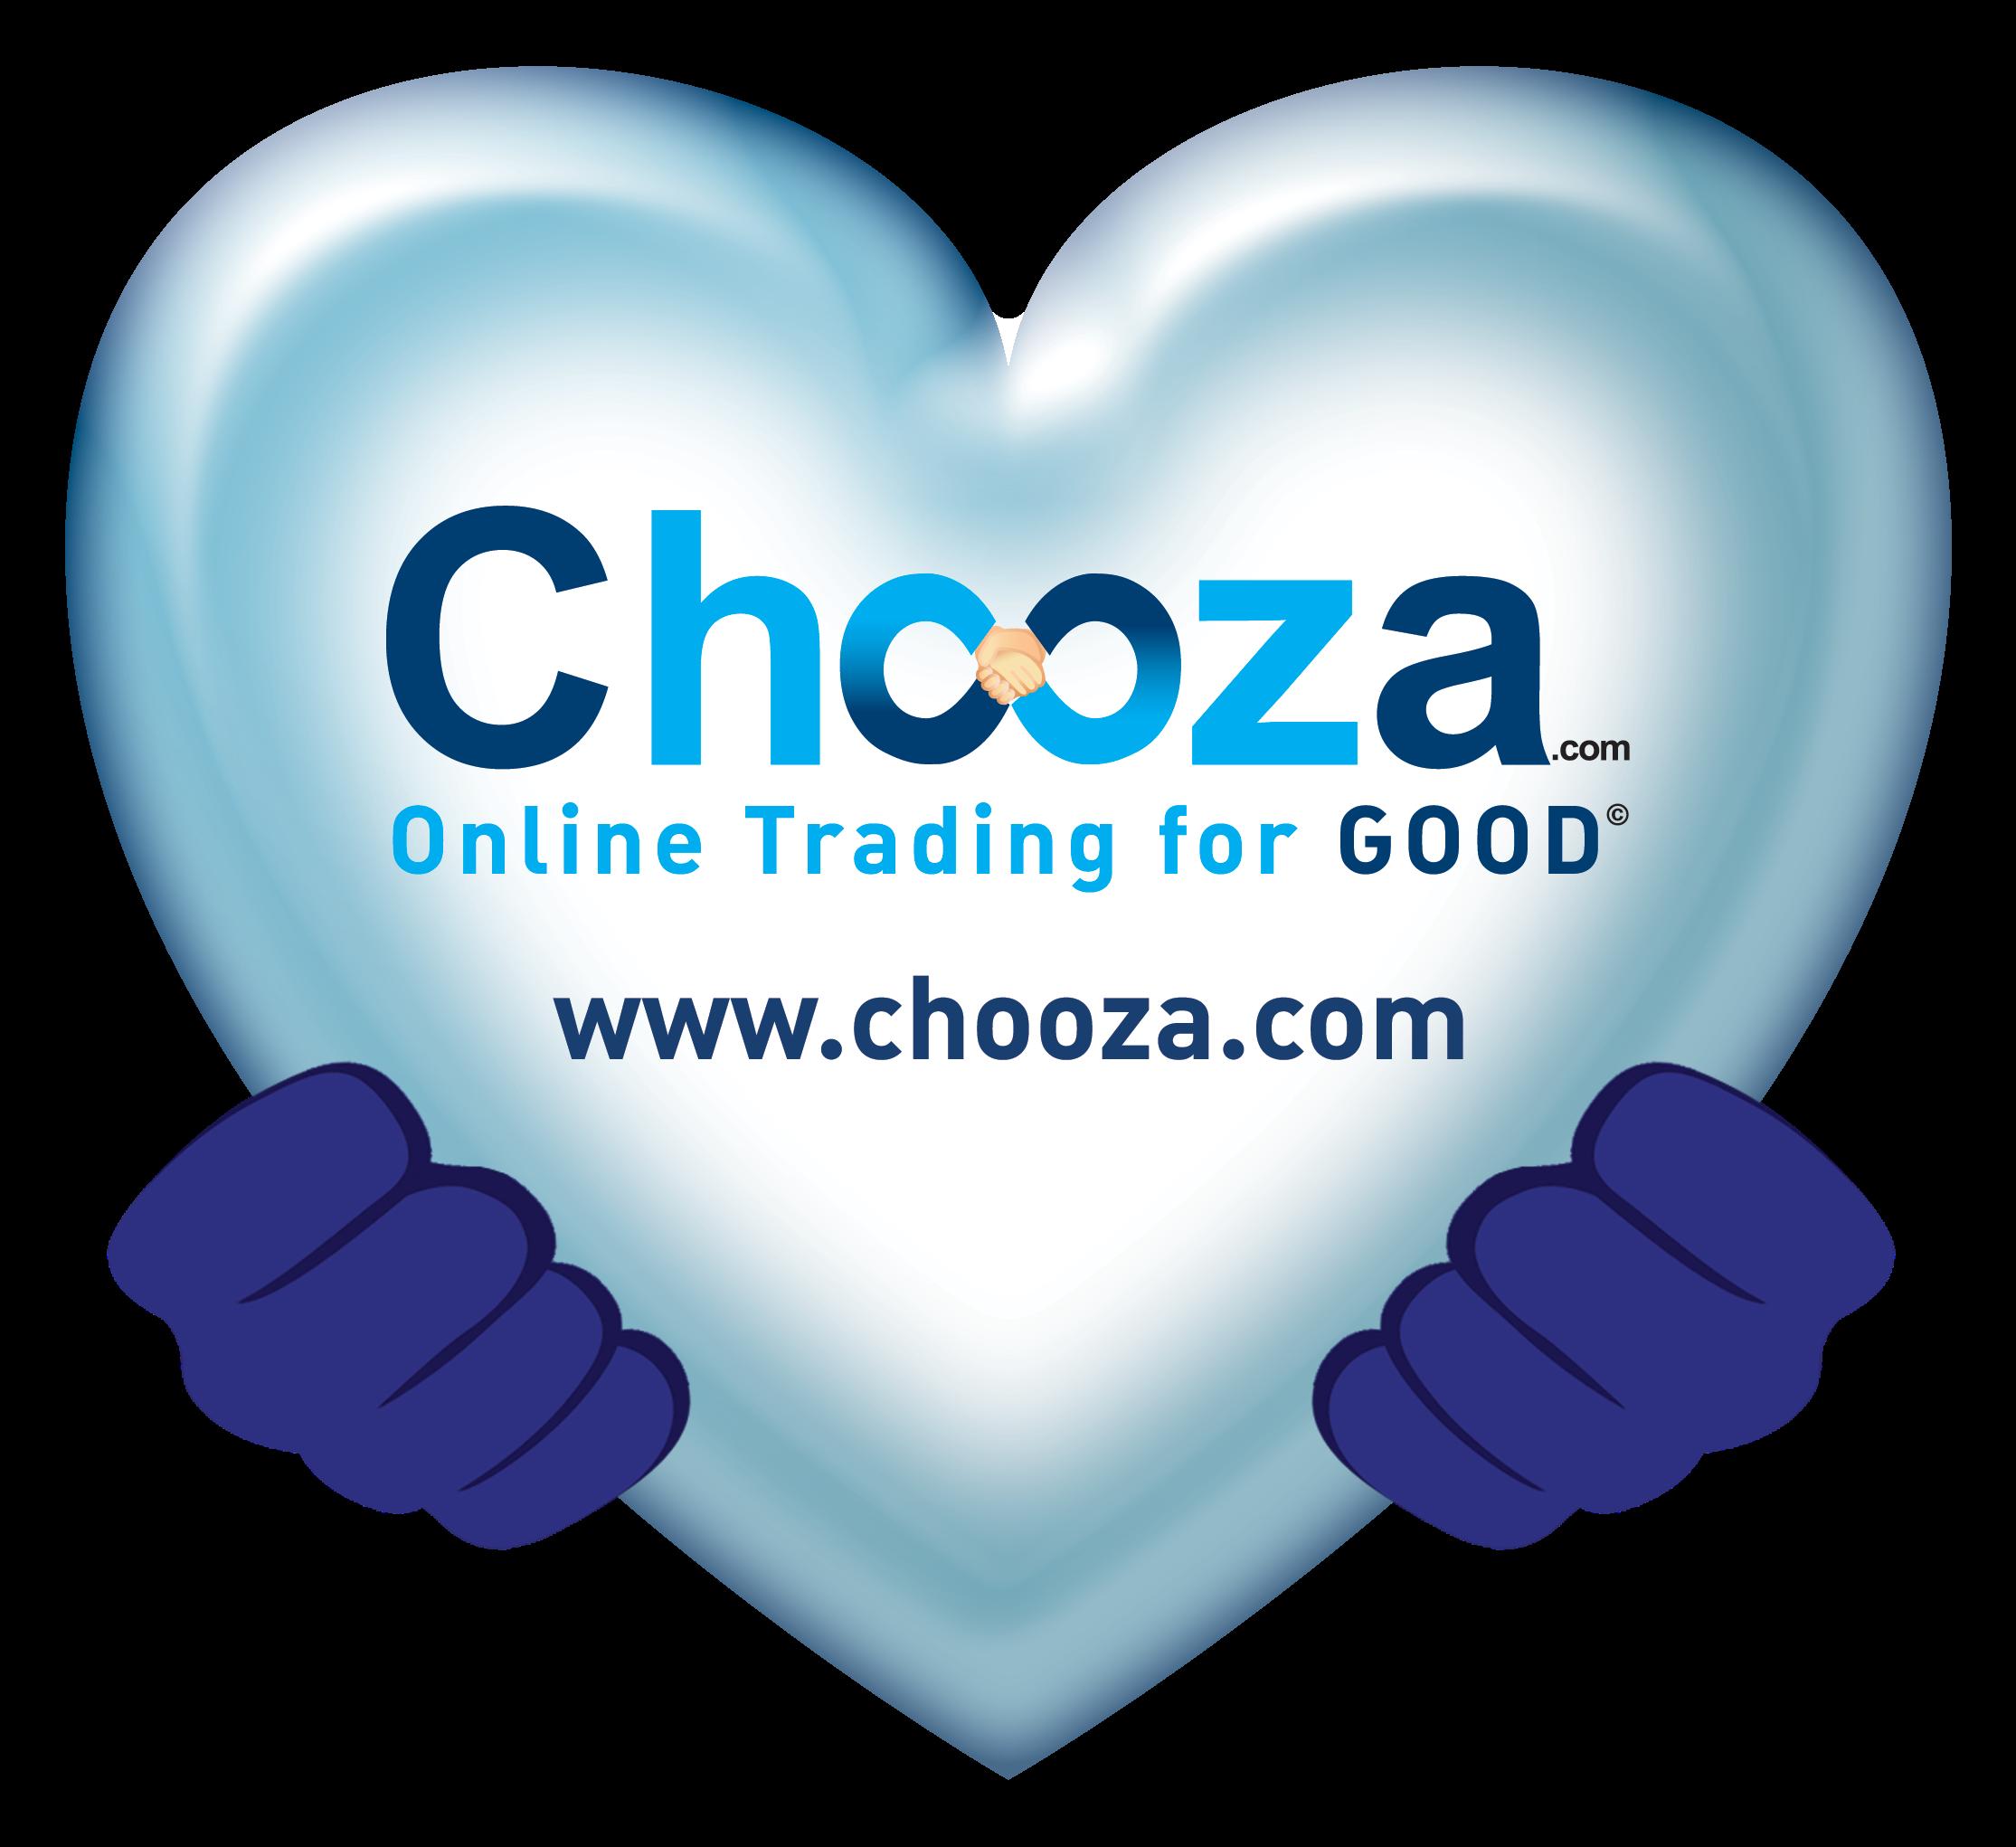 Chooza-Heart-1